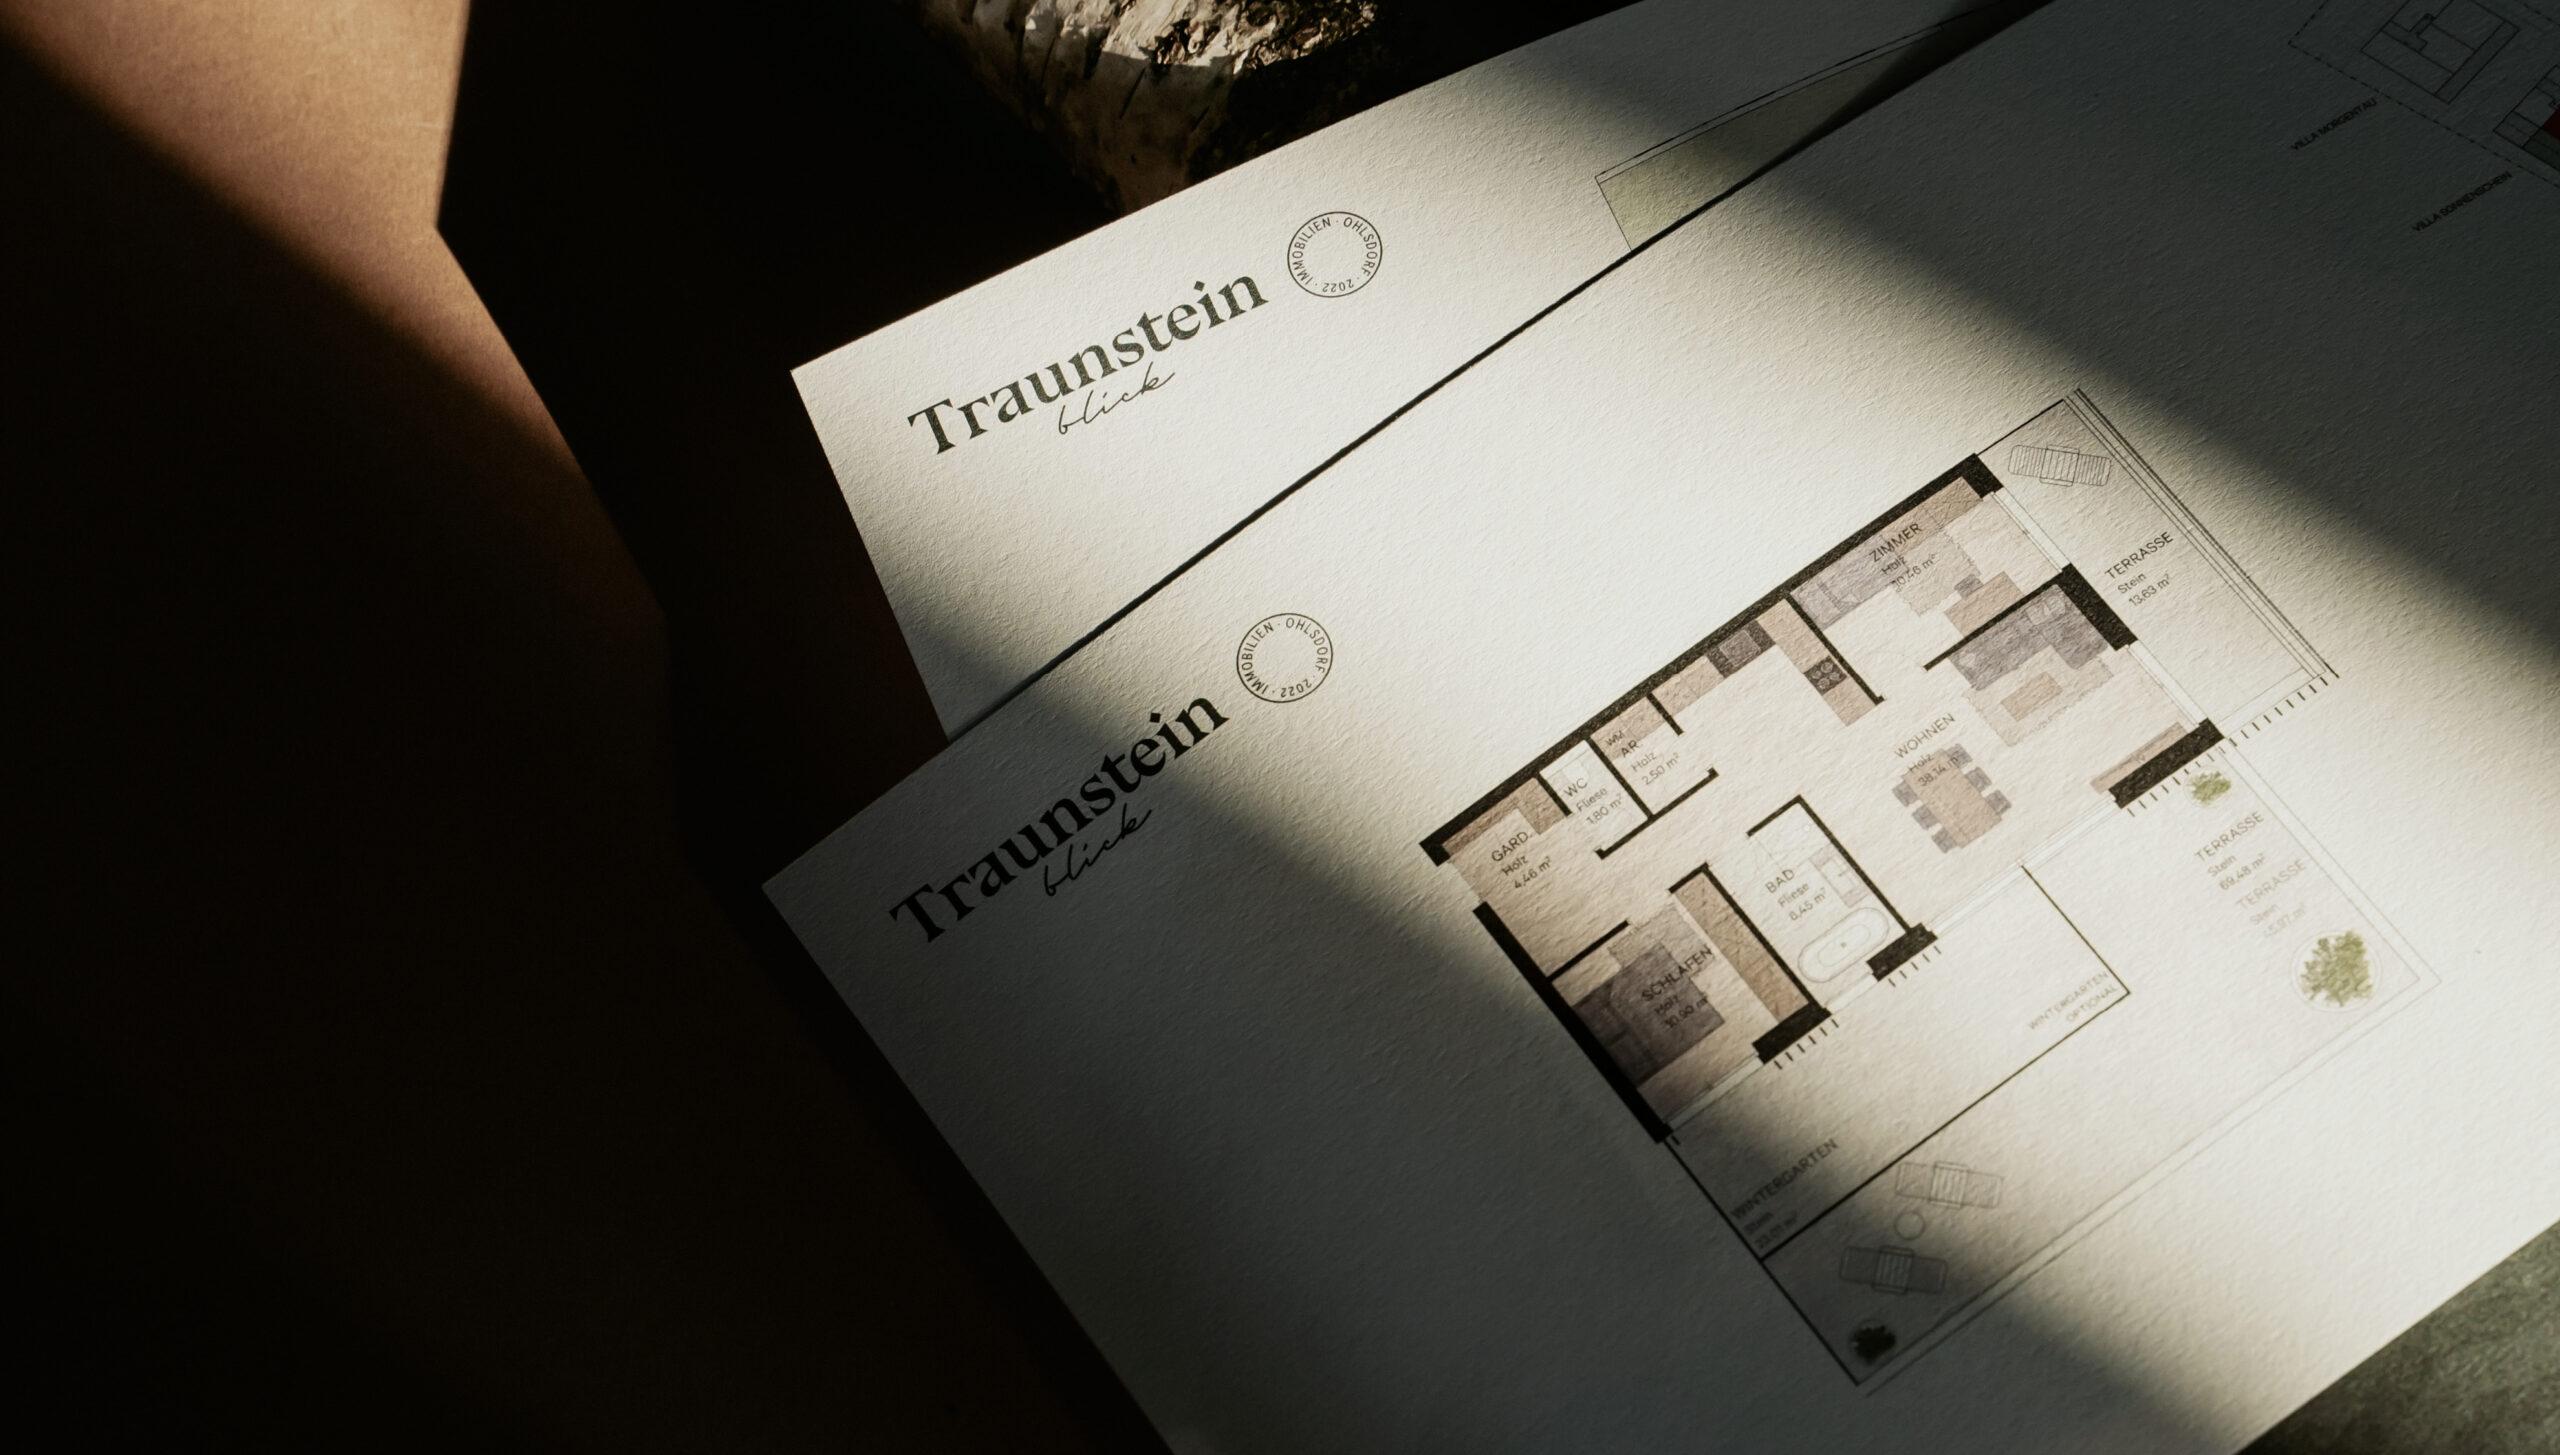 1900x1080_Traunstein_12